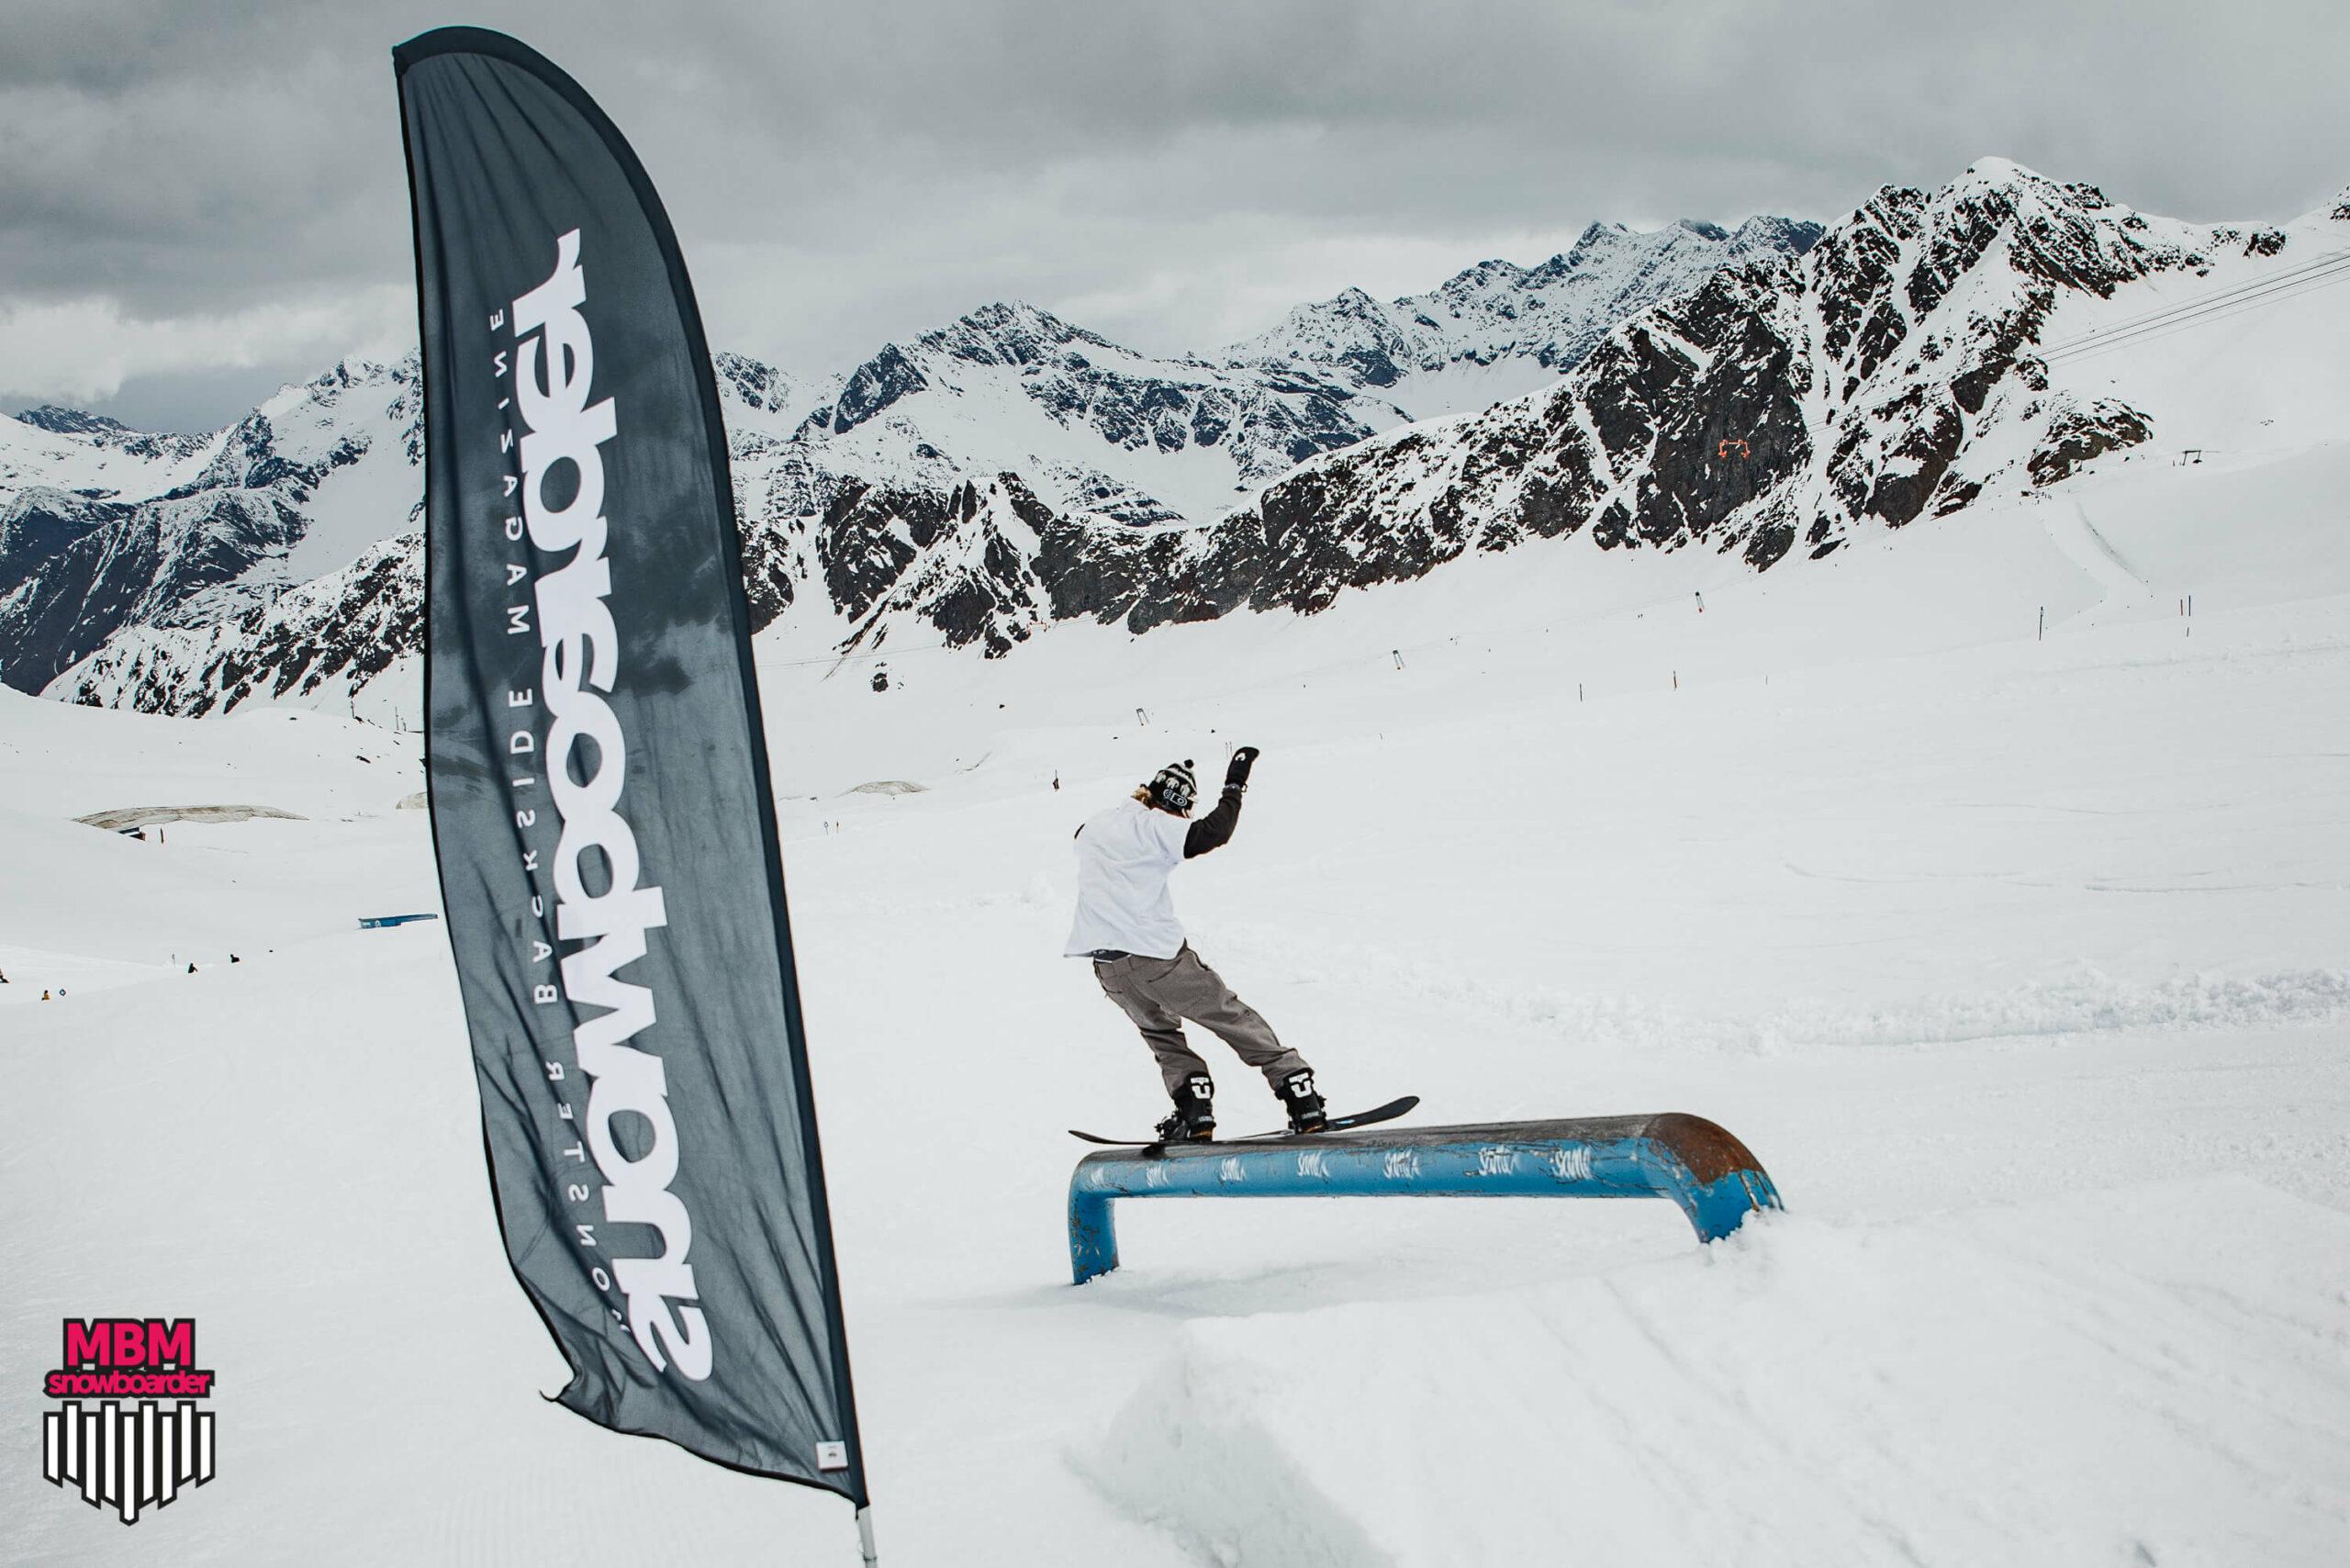 snowboarderMBM_sd_kaunertal_066